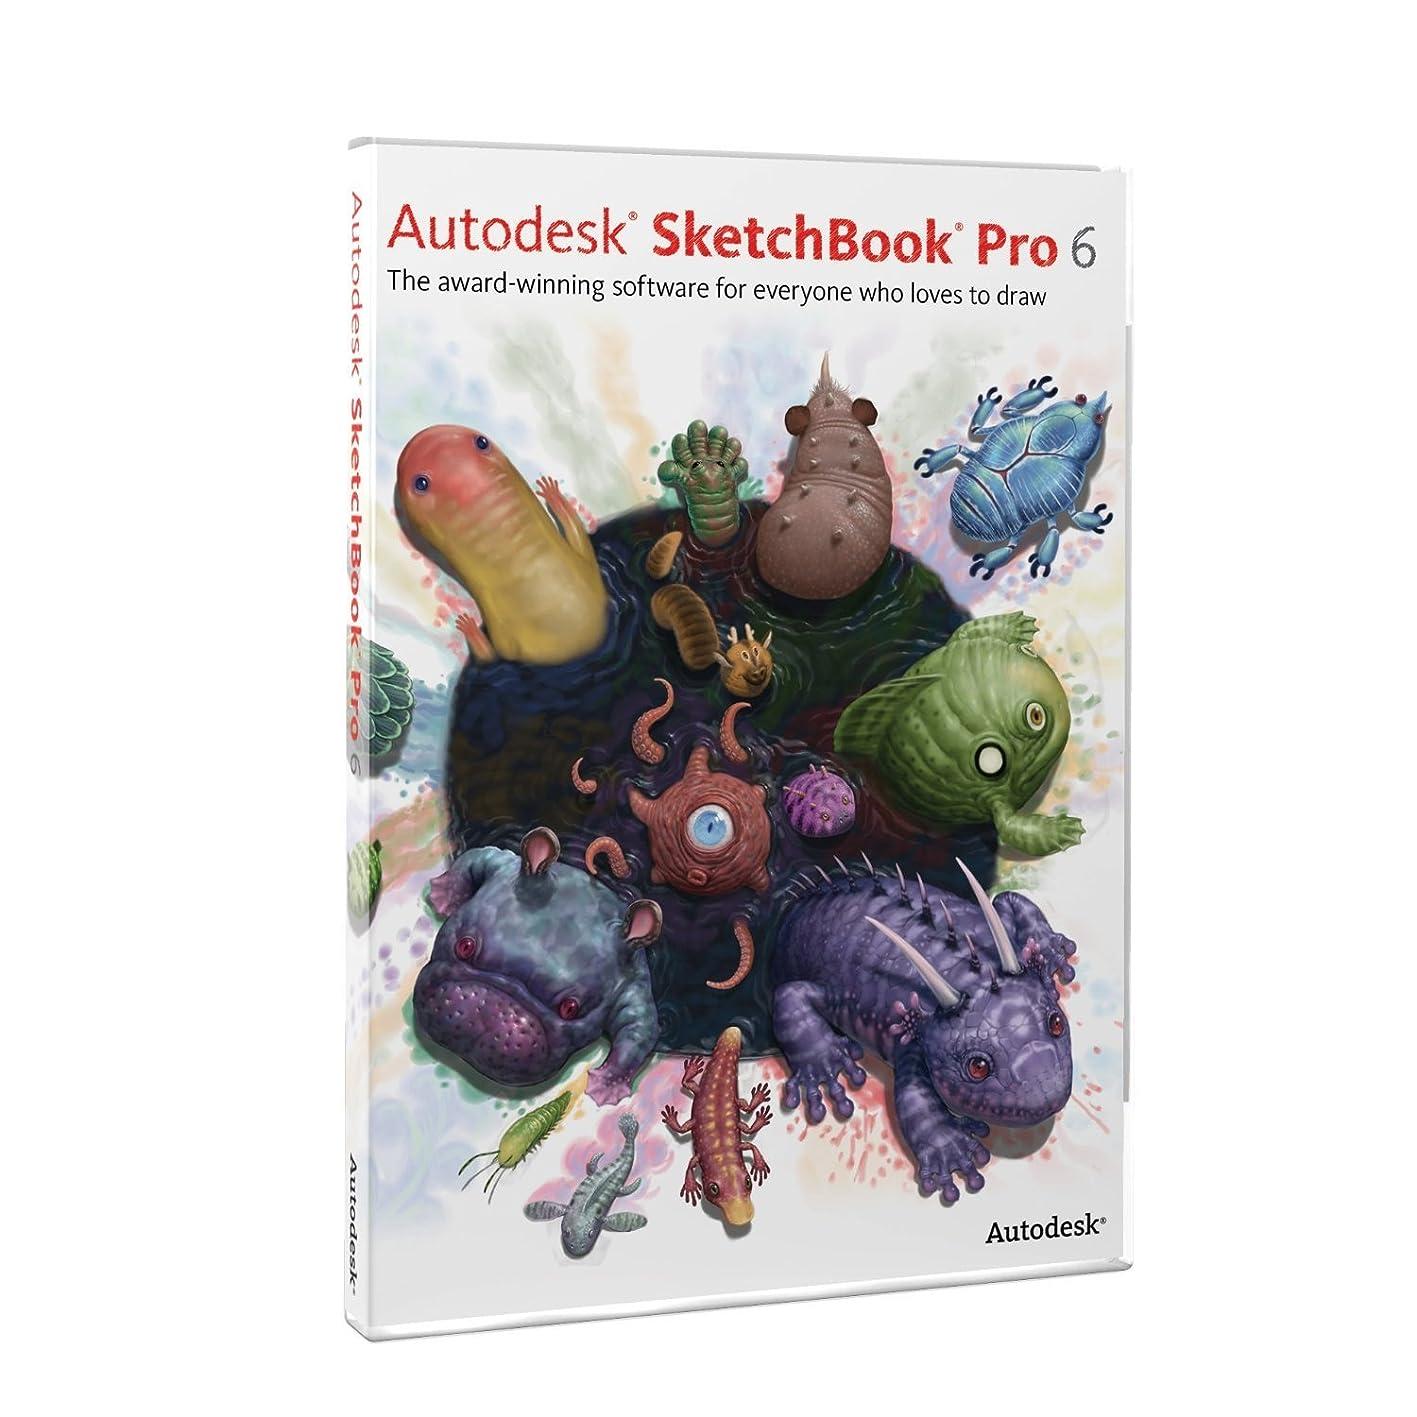 苦行タックル召喚するAutodesk SketchBook Pro 6 スケッチブックプロ 並行輸入品